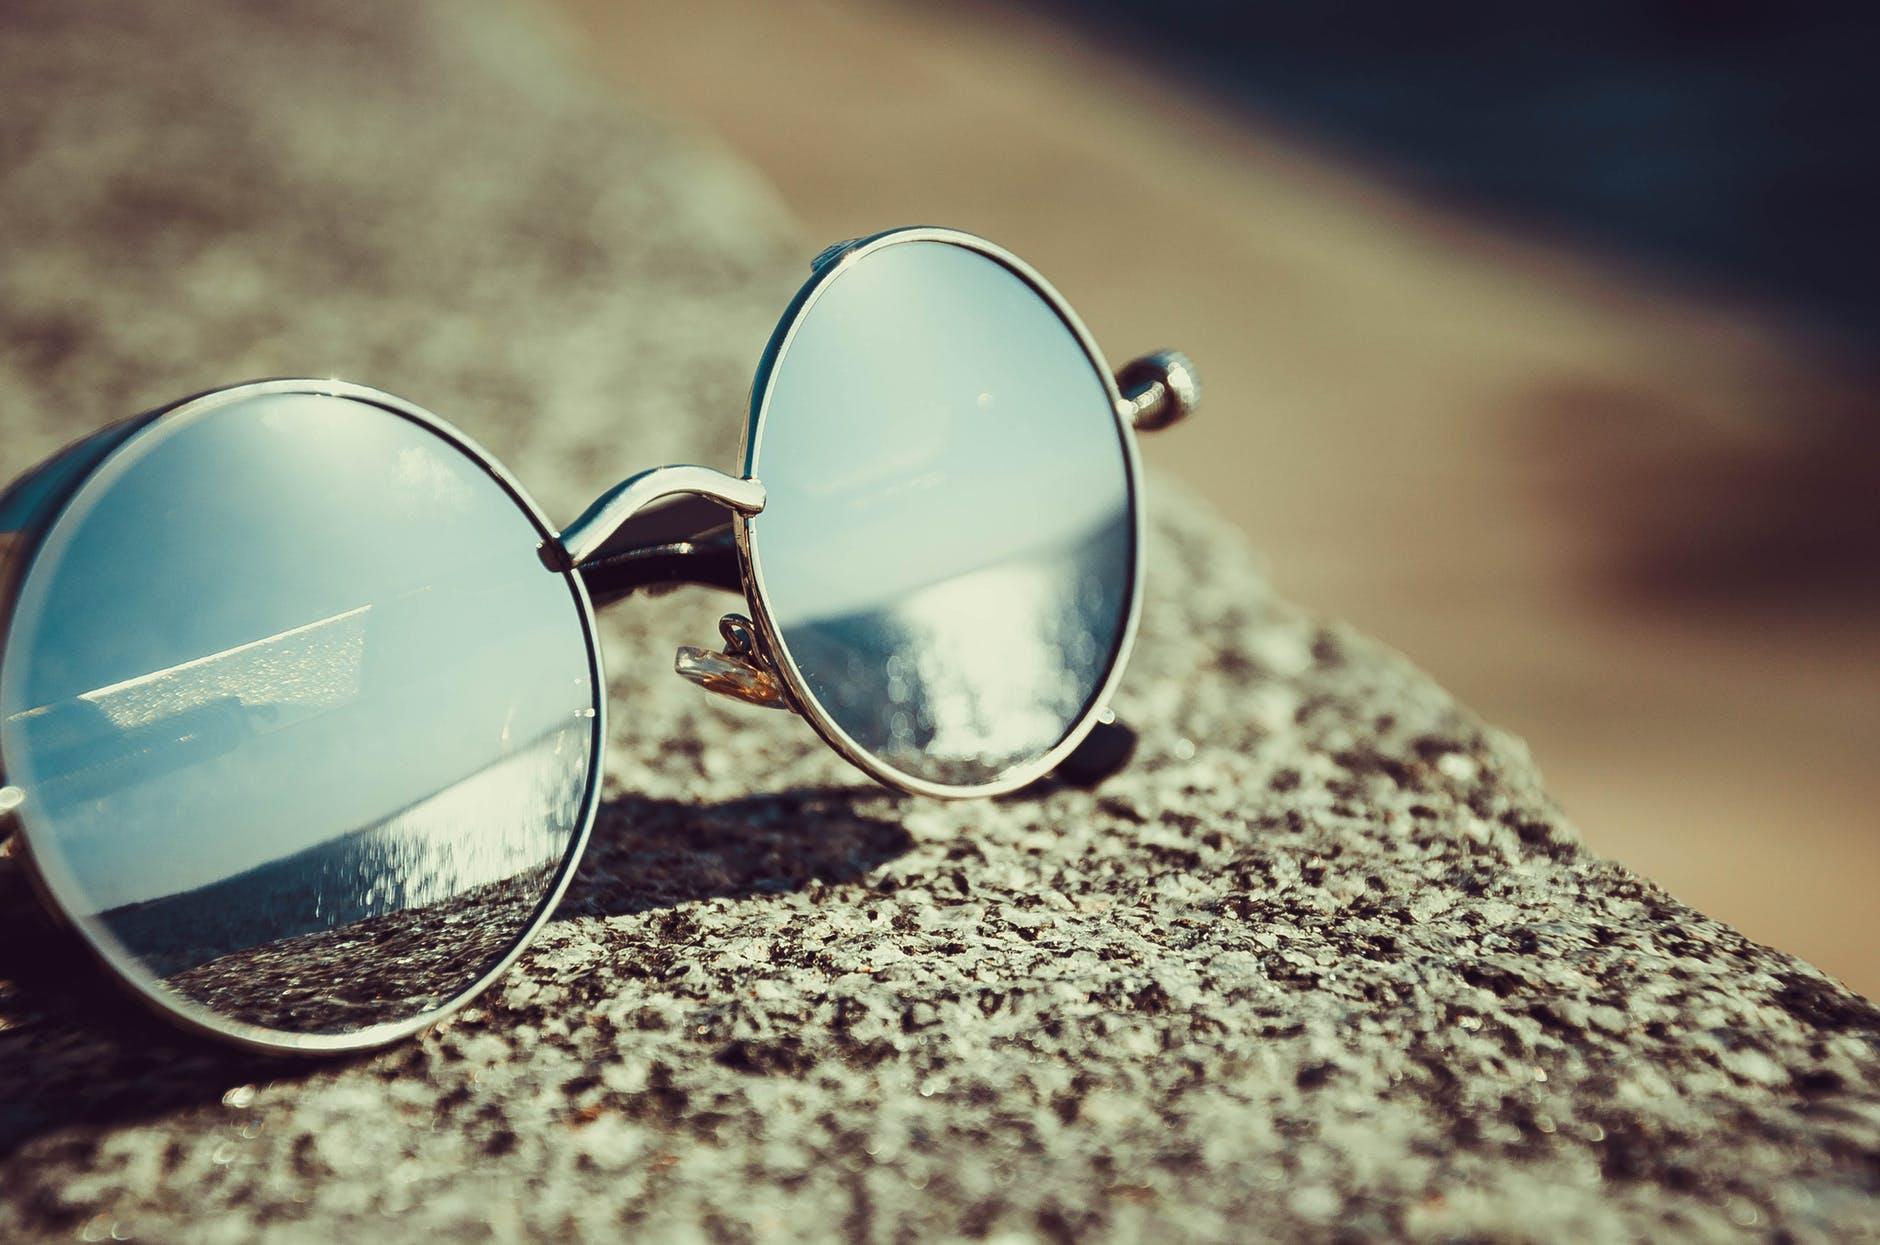 เลือกแว่นกันแดดให้เข้ากับรูปหน้า